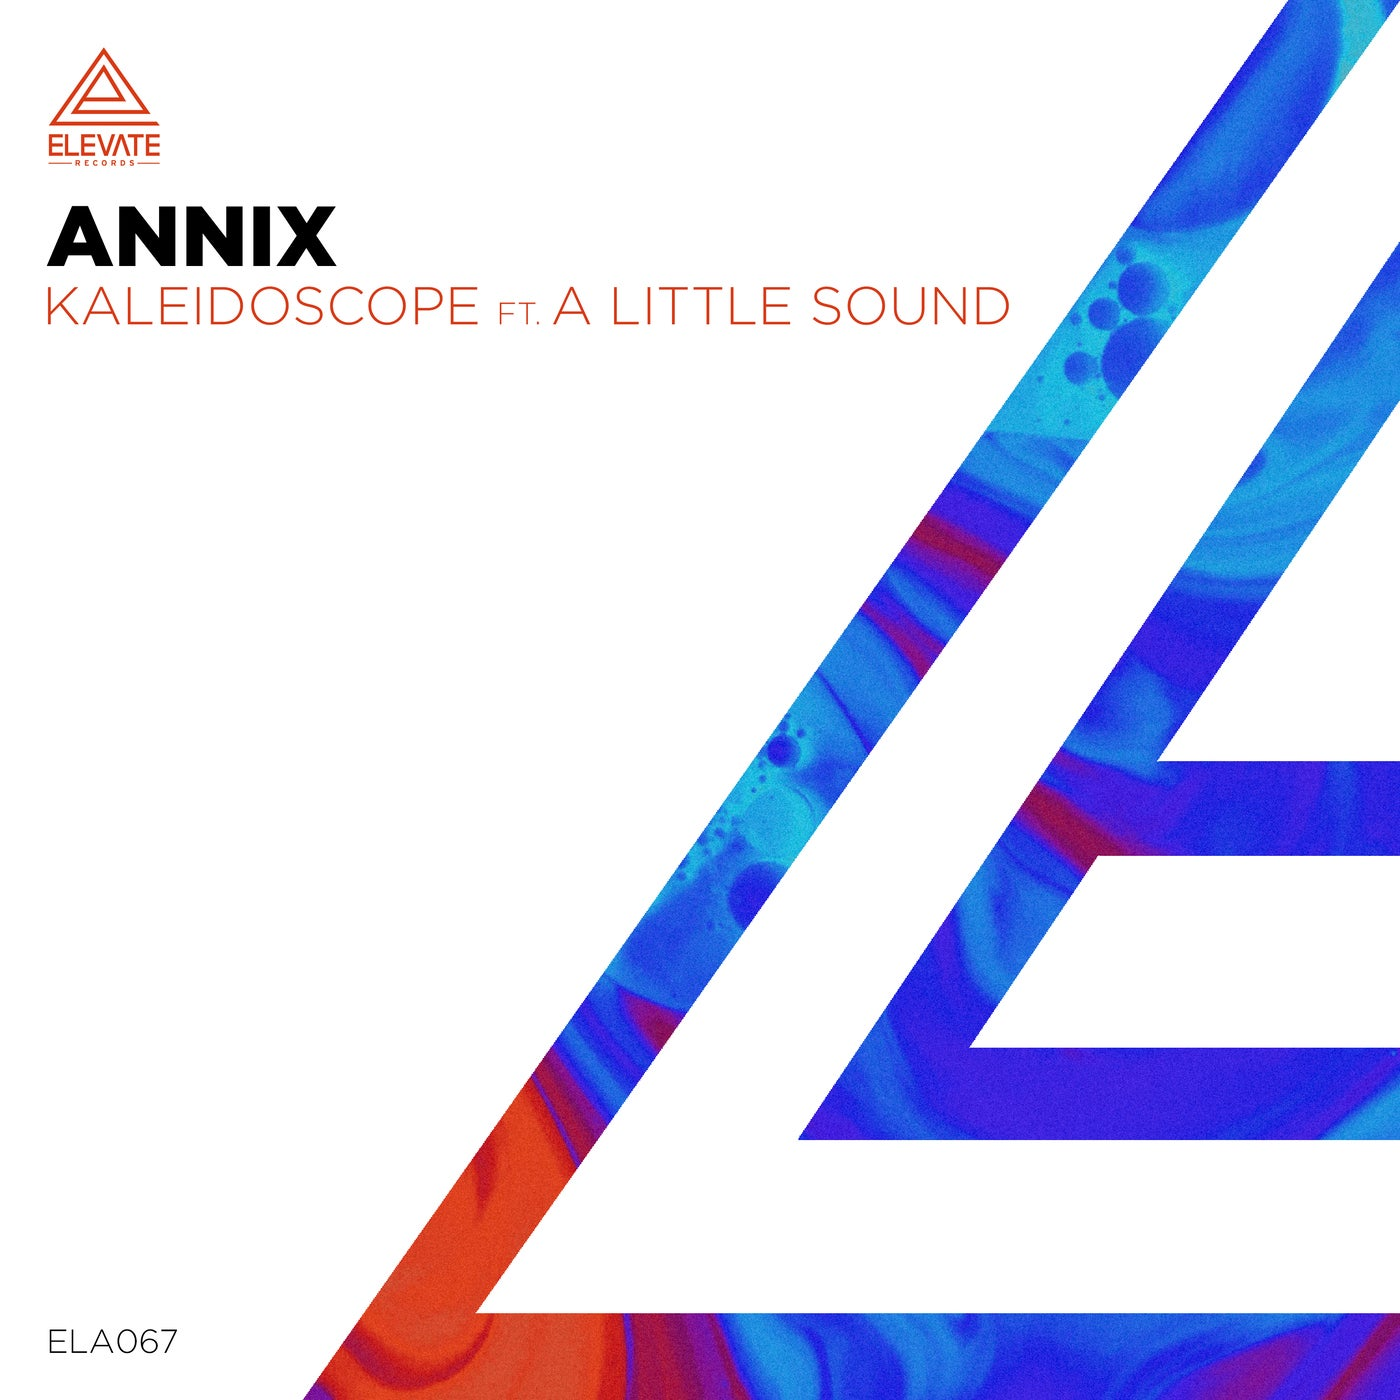 Kaleidoscope Ft. A Little Sound (Original Mix)